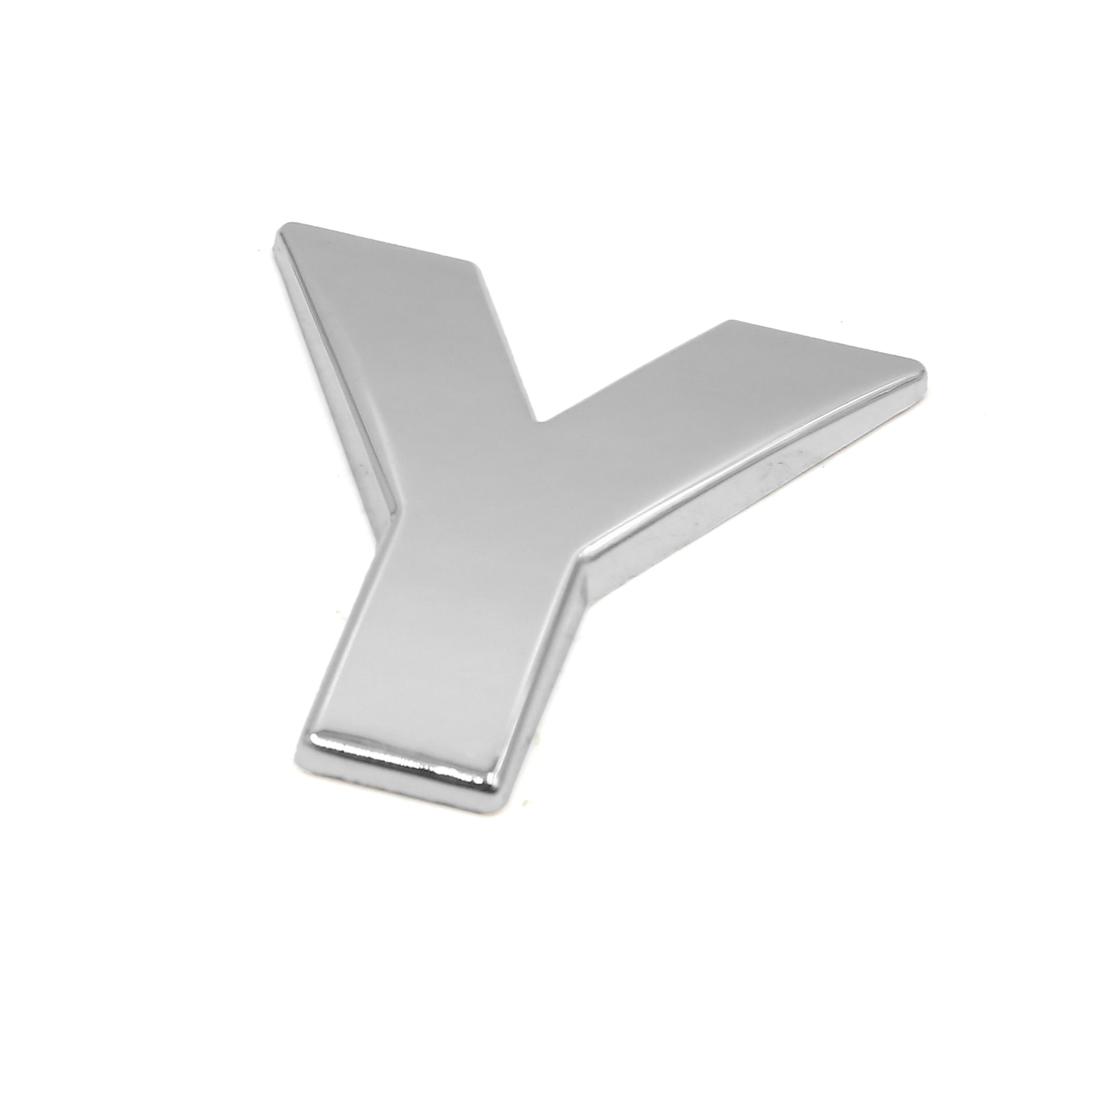 Silver Tone Metal Y Letter Shaped Car Auto Exterior Emblem 3D Sticker Decor